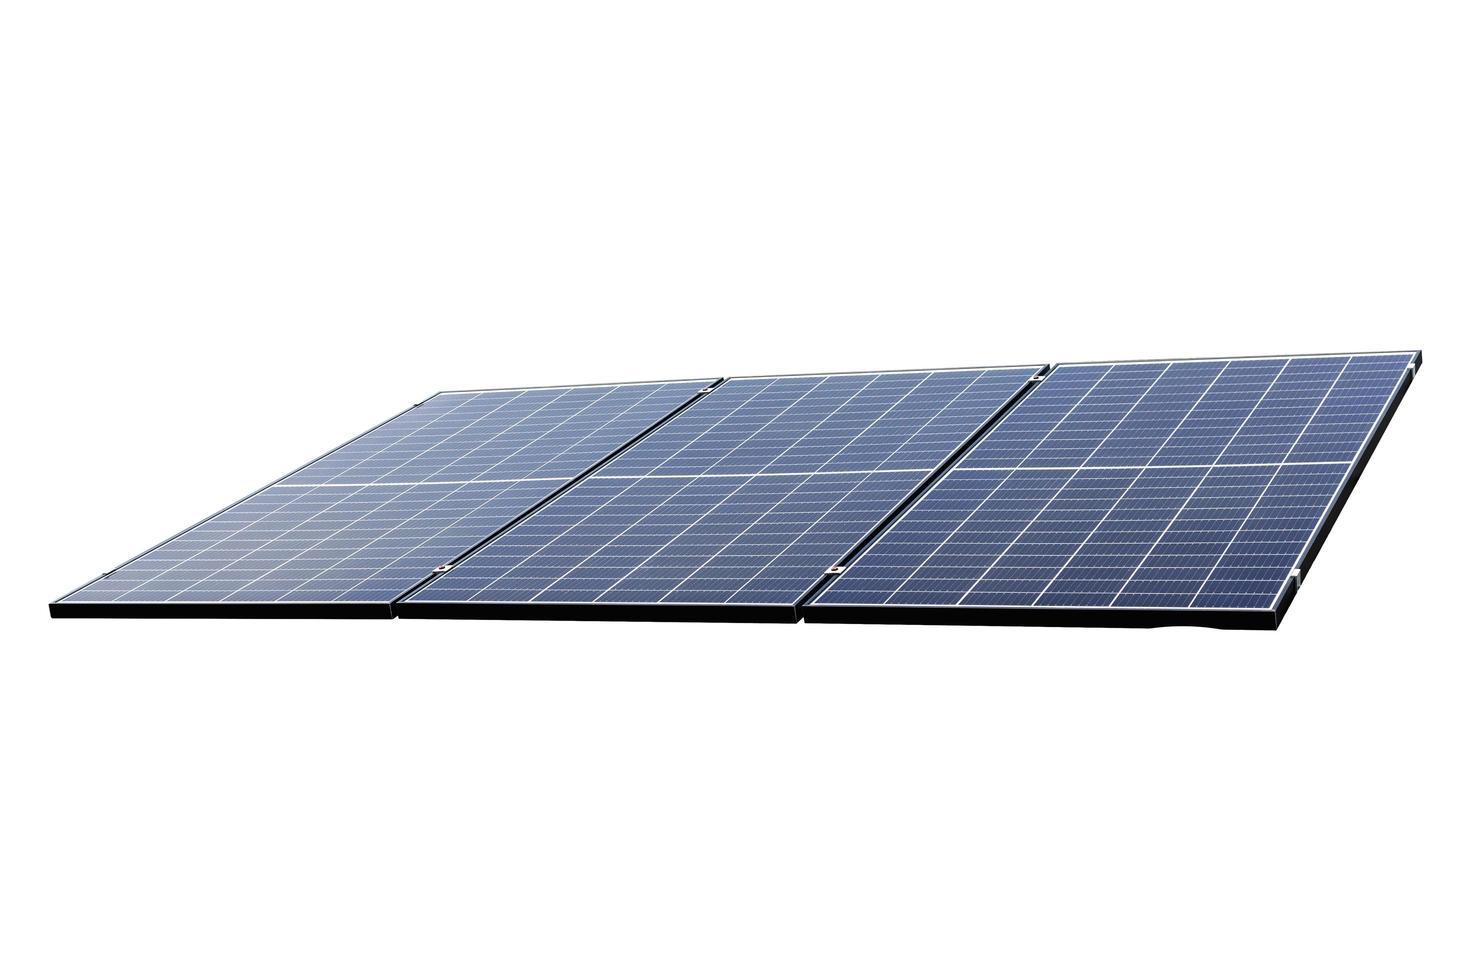 pannello fotovoltaico di energia solare su un bianco foto